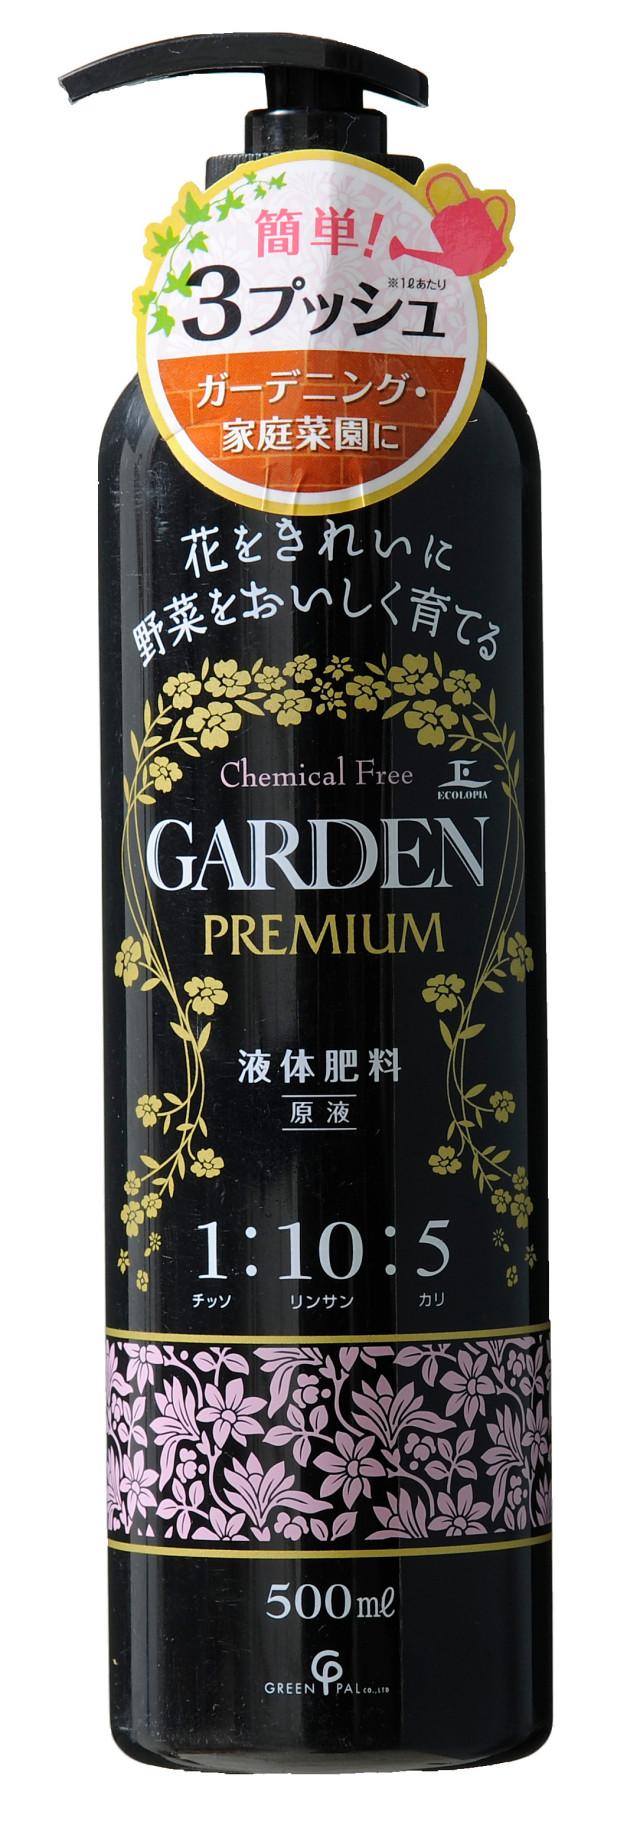 ガーデンプレミアム液体肥料